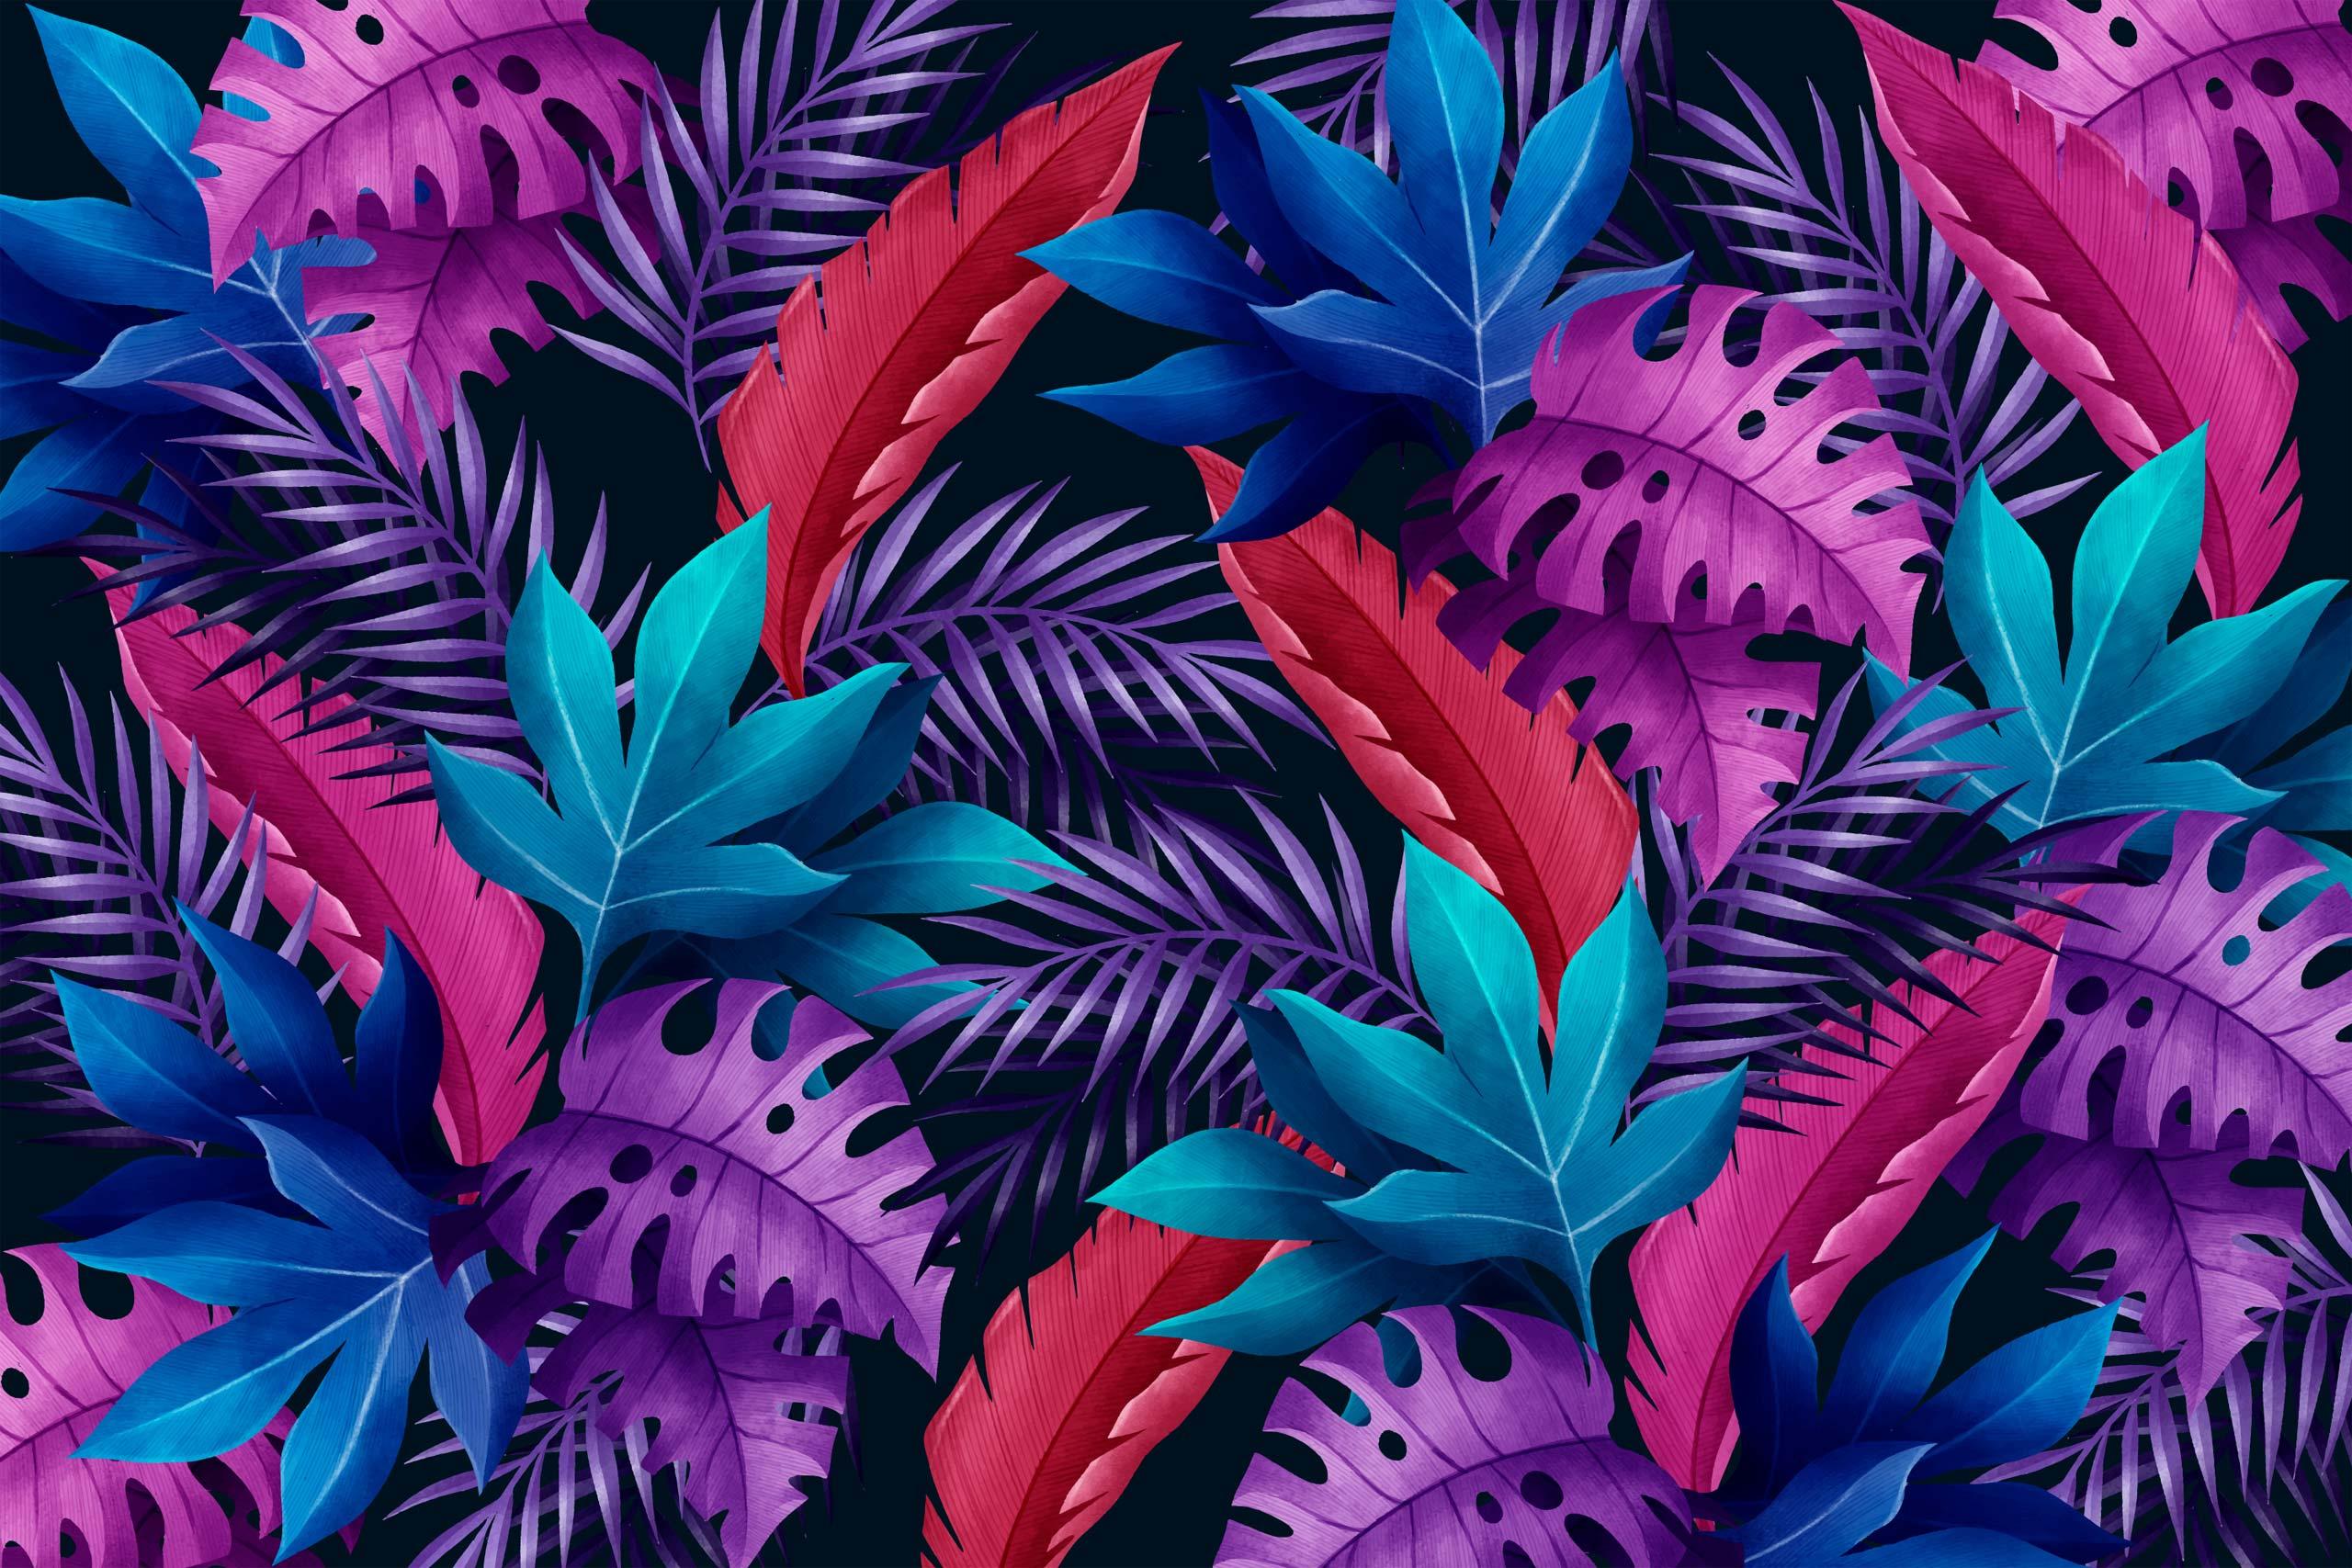 Фиолетовые и синие тропические листья.